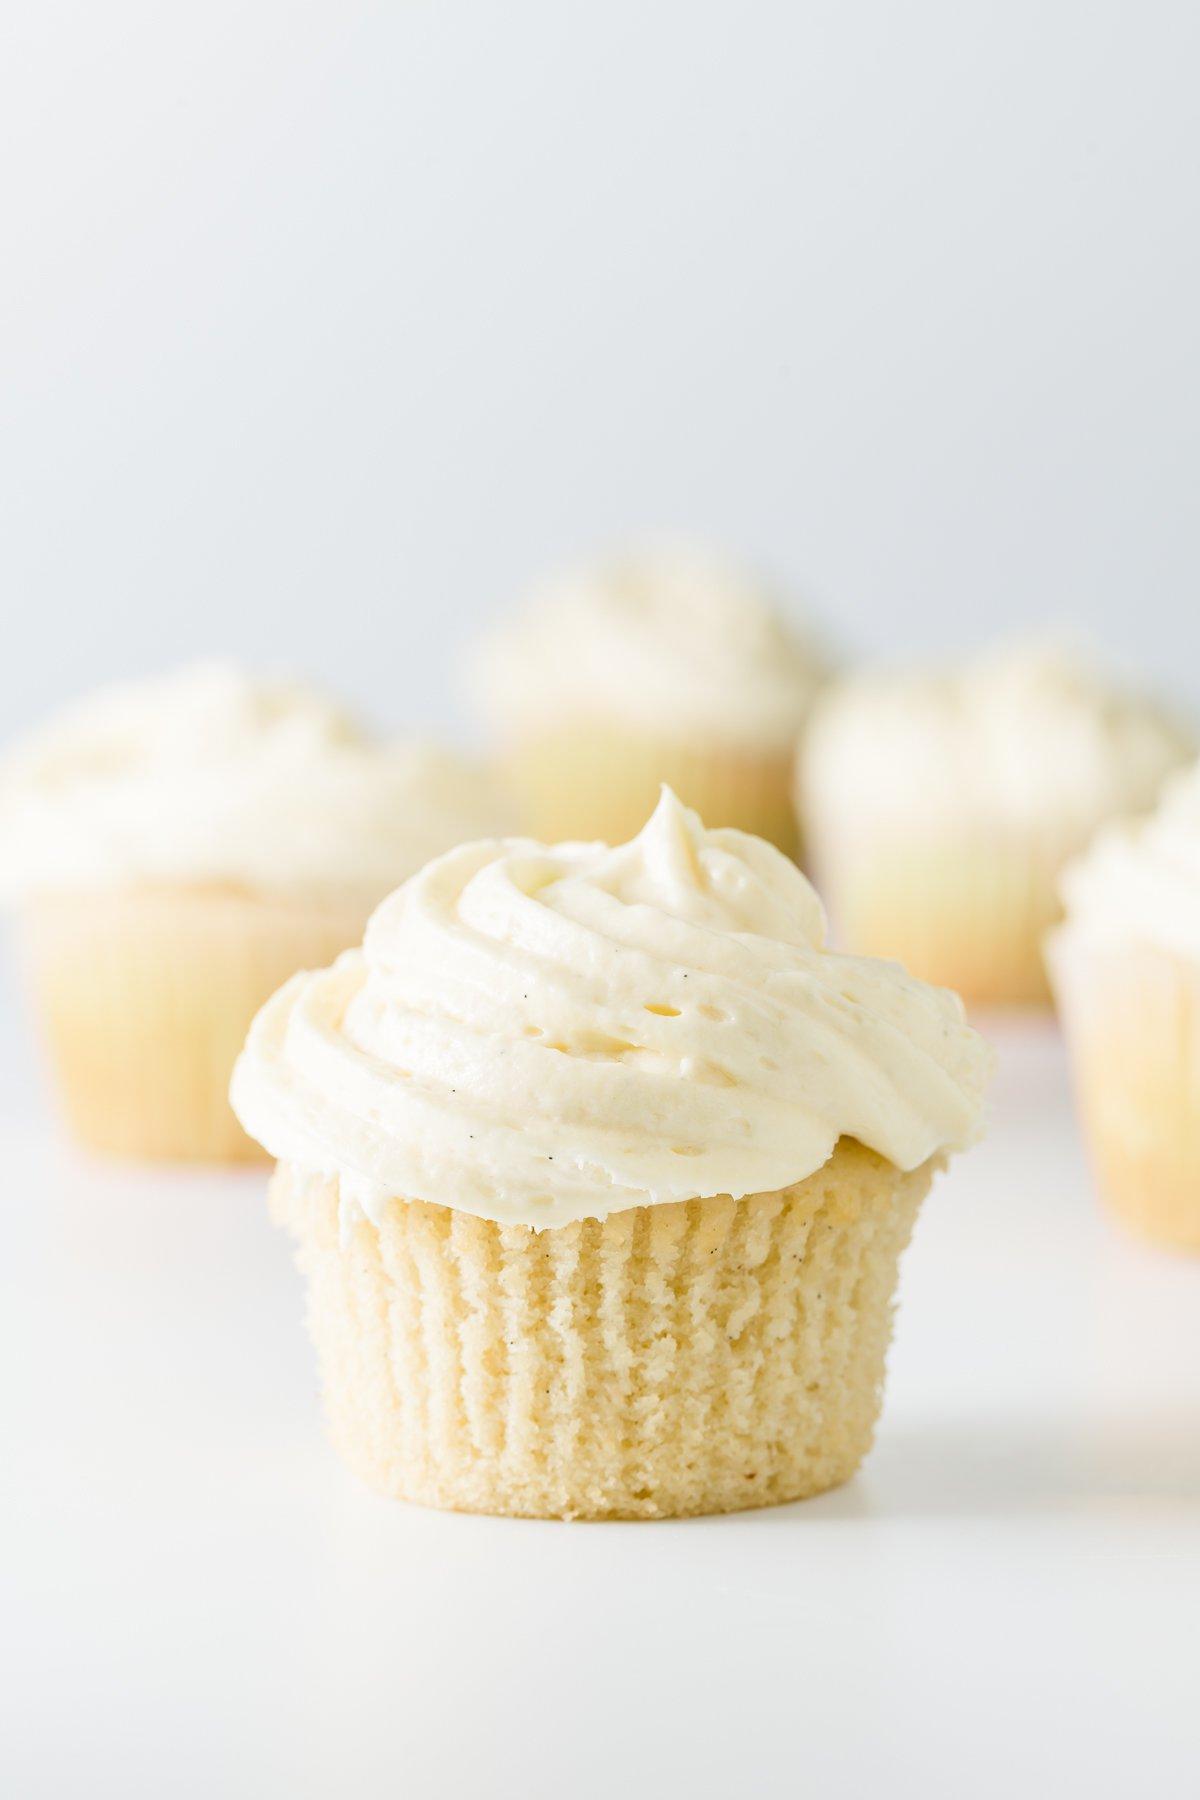 Vanilla frosting on vanilla cupcakes